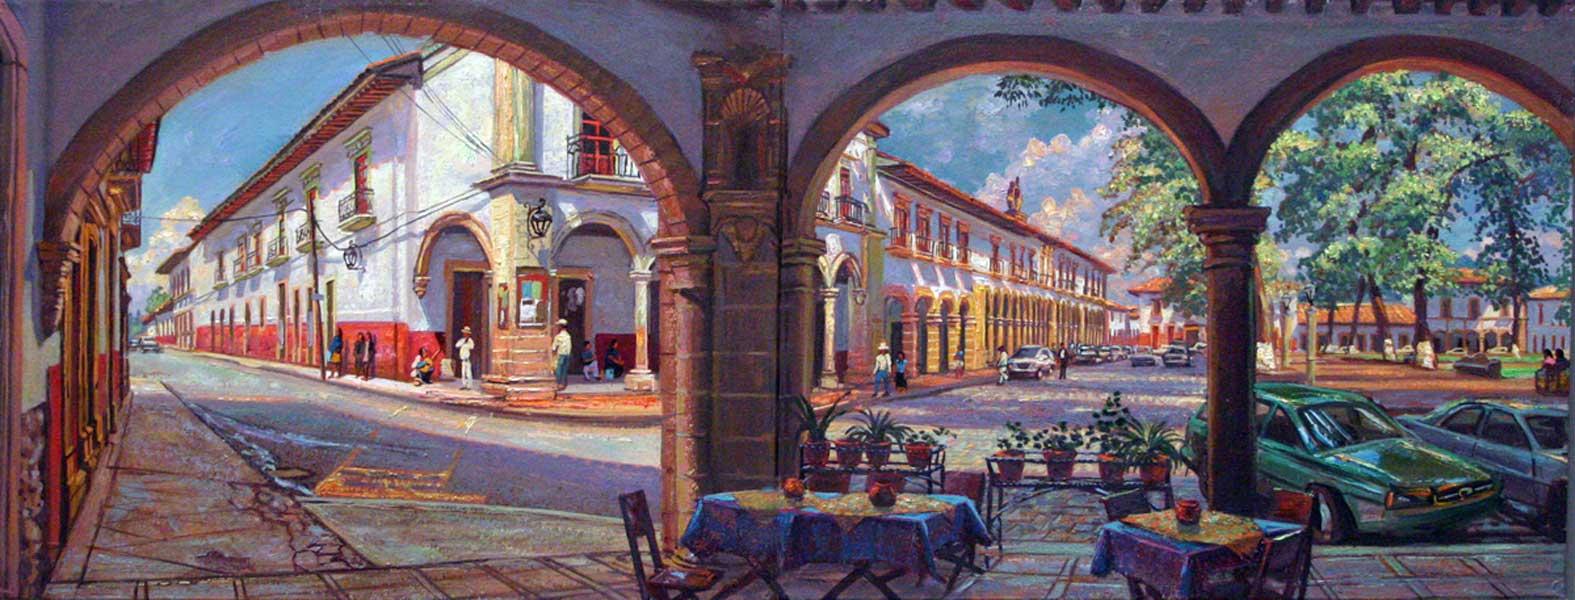 M.PlazaGrande.S.jpg